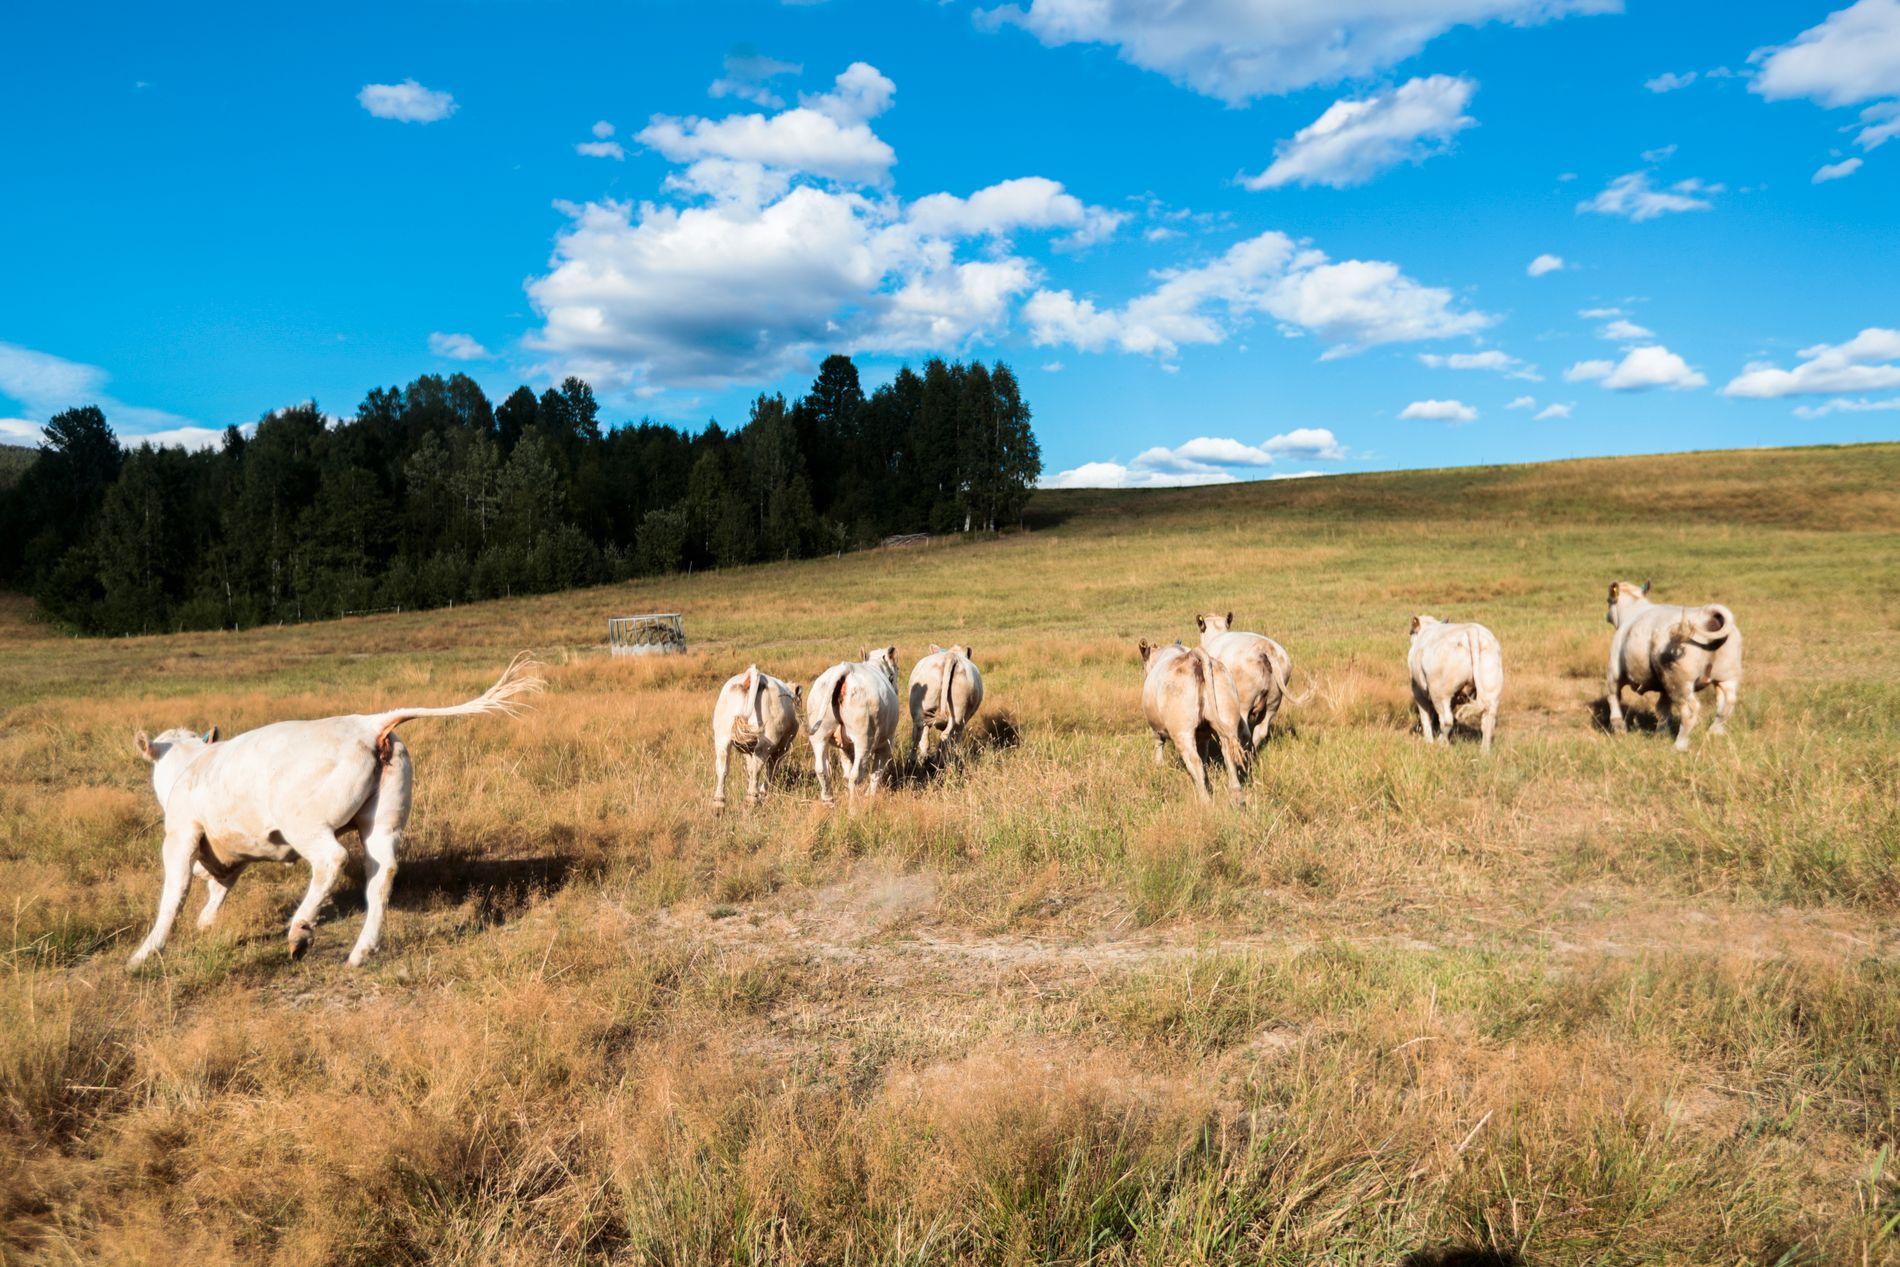 Det er tørke i Norge, og landbruket har store problemer med avling. Flere steder må kuer fôres på beite. Kuene på beitet sliter også med plagsomme fluer.